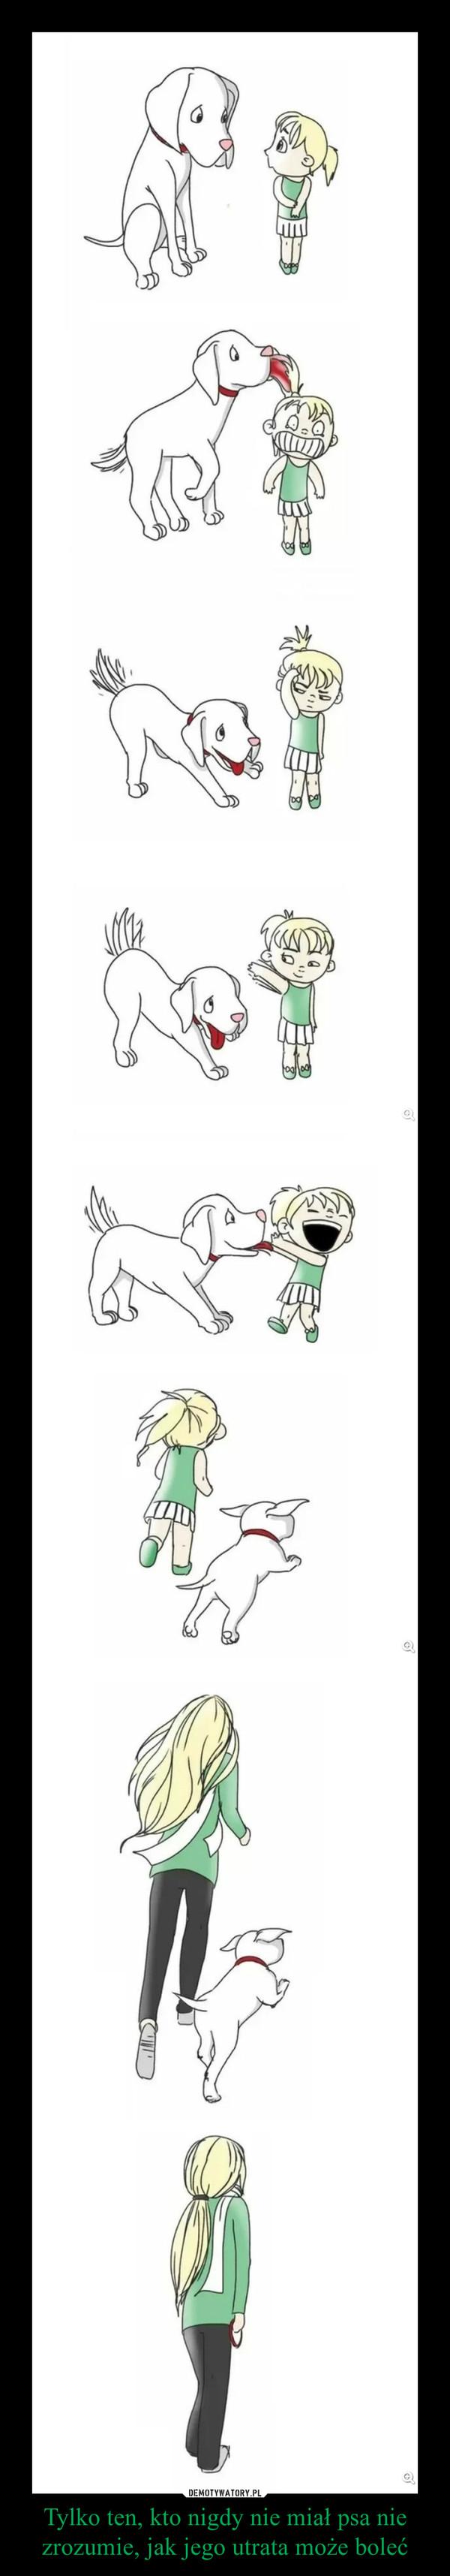 Tylko ten, kto nigdy nie miał psa nie zrozumie, jak jego utrata może boleć –